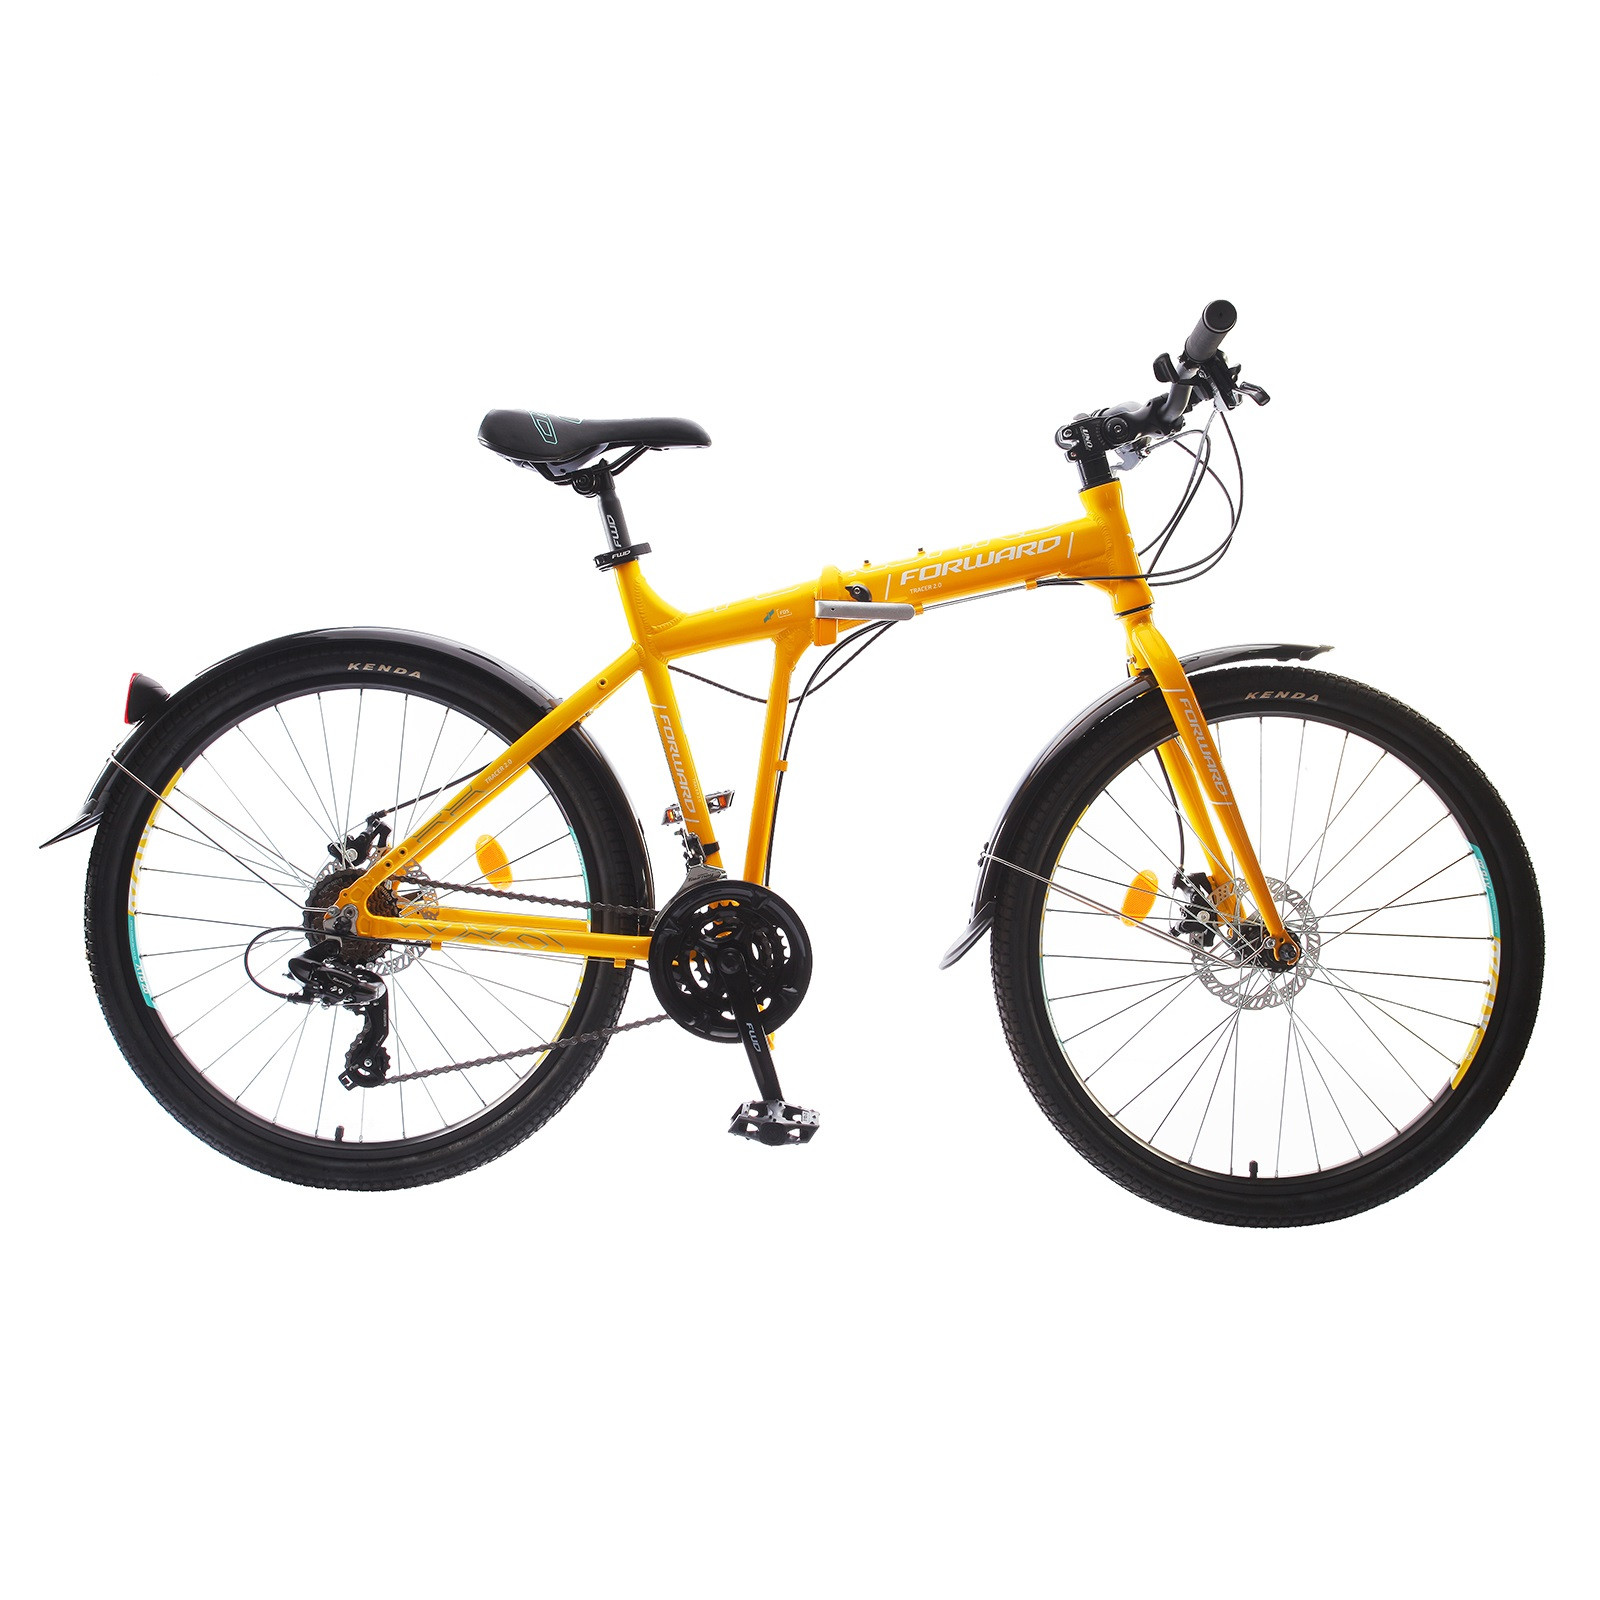 Складной велосипед Forward Tracer 2.0 Disc 2017 желтый